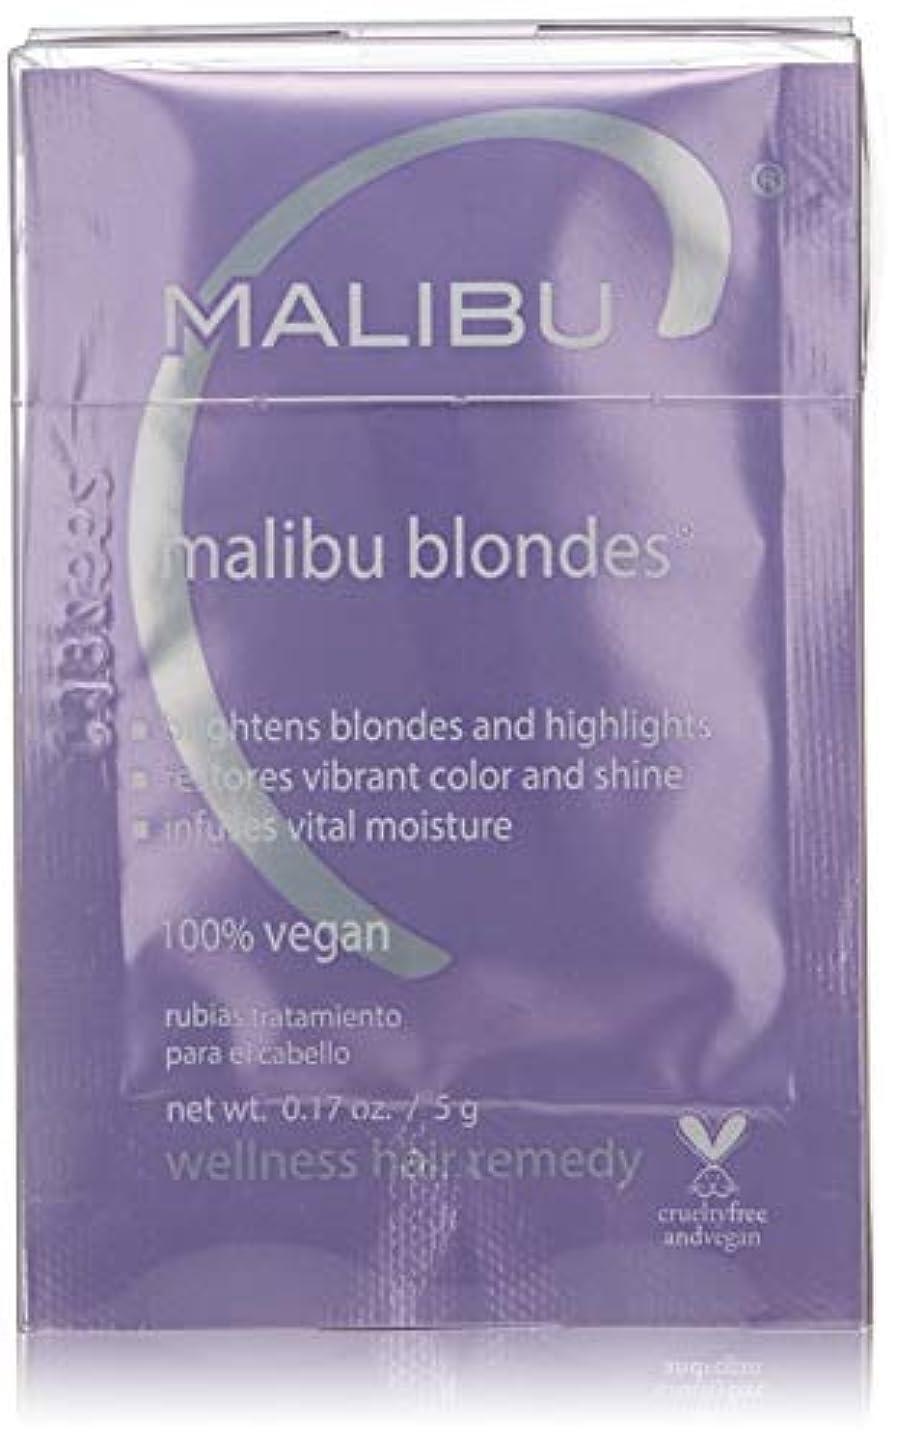 トレーニング床を掃除する栄光Malibu C Malibu Blondes Wellness Hair Remedy 12x5g/0.17oz並行輸入品